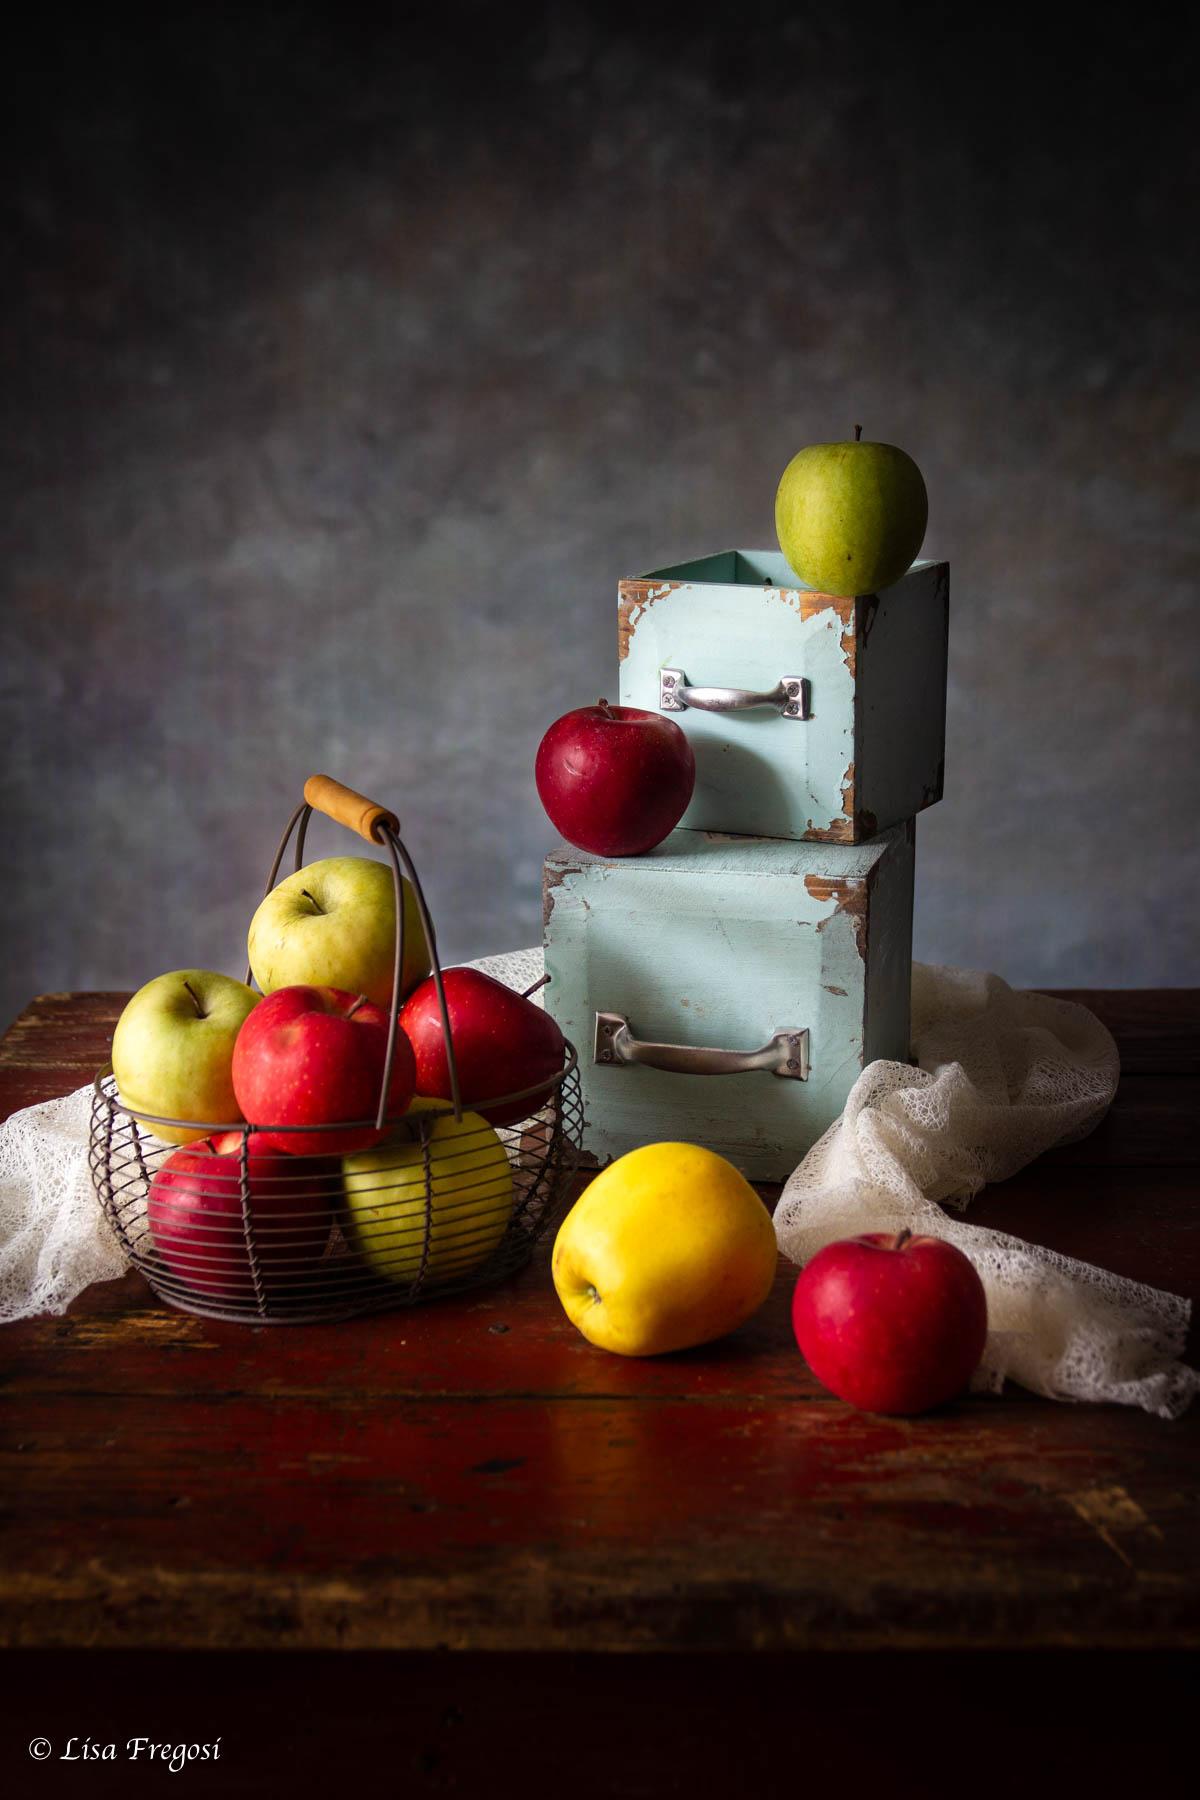 che mele per la torta di mele